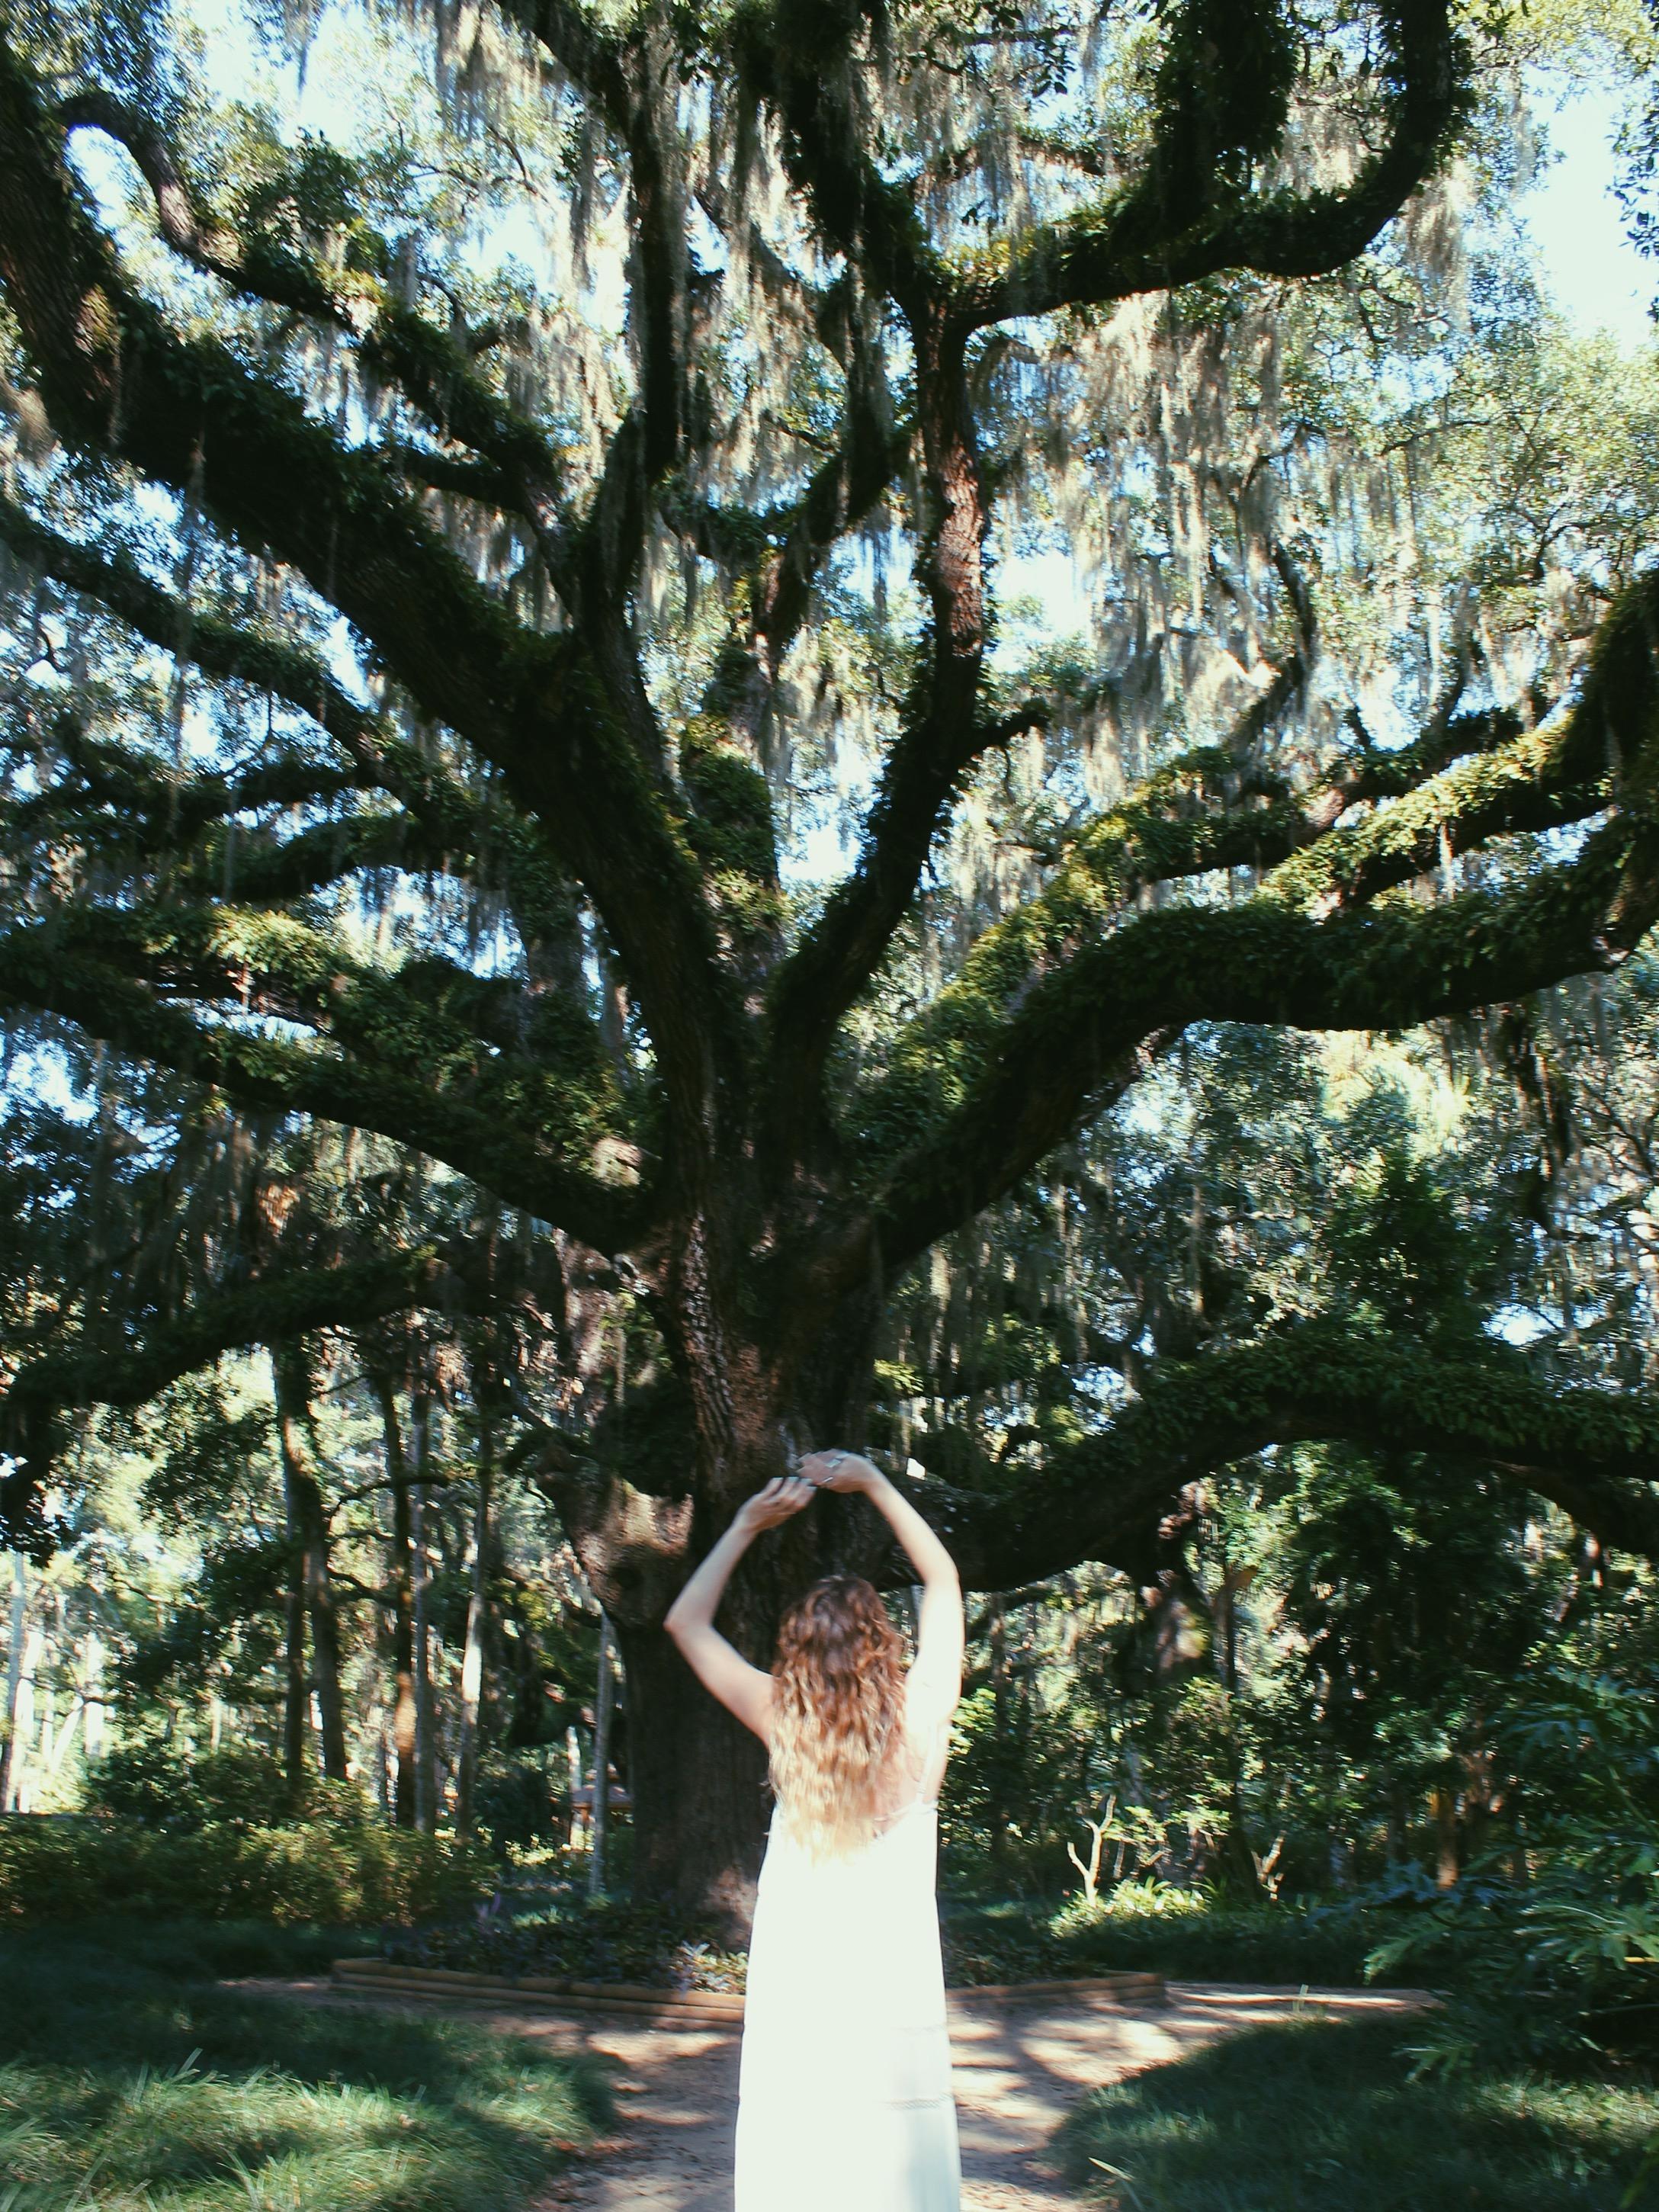 Old Oak: a poem on strength. Read more at Holl & Lane Magazine at www.hollandlanemag.com/blog